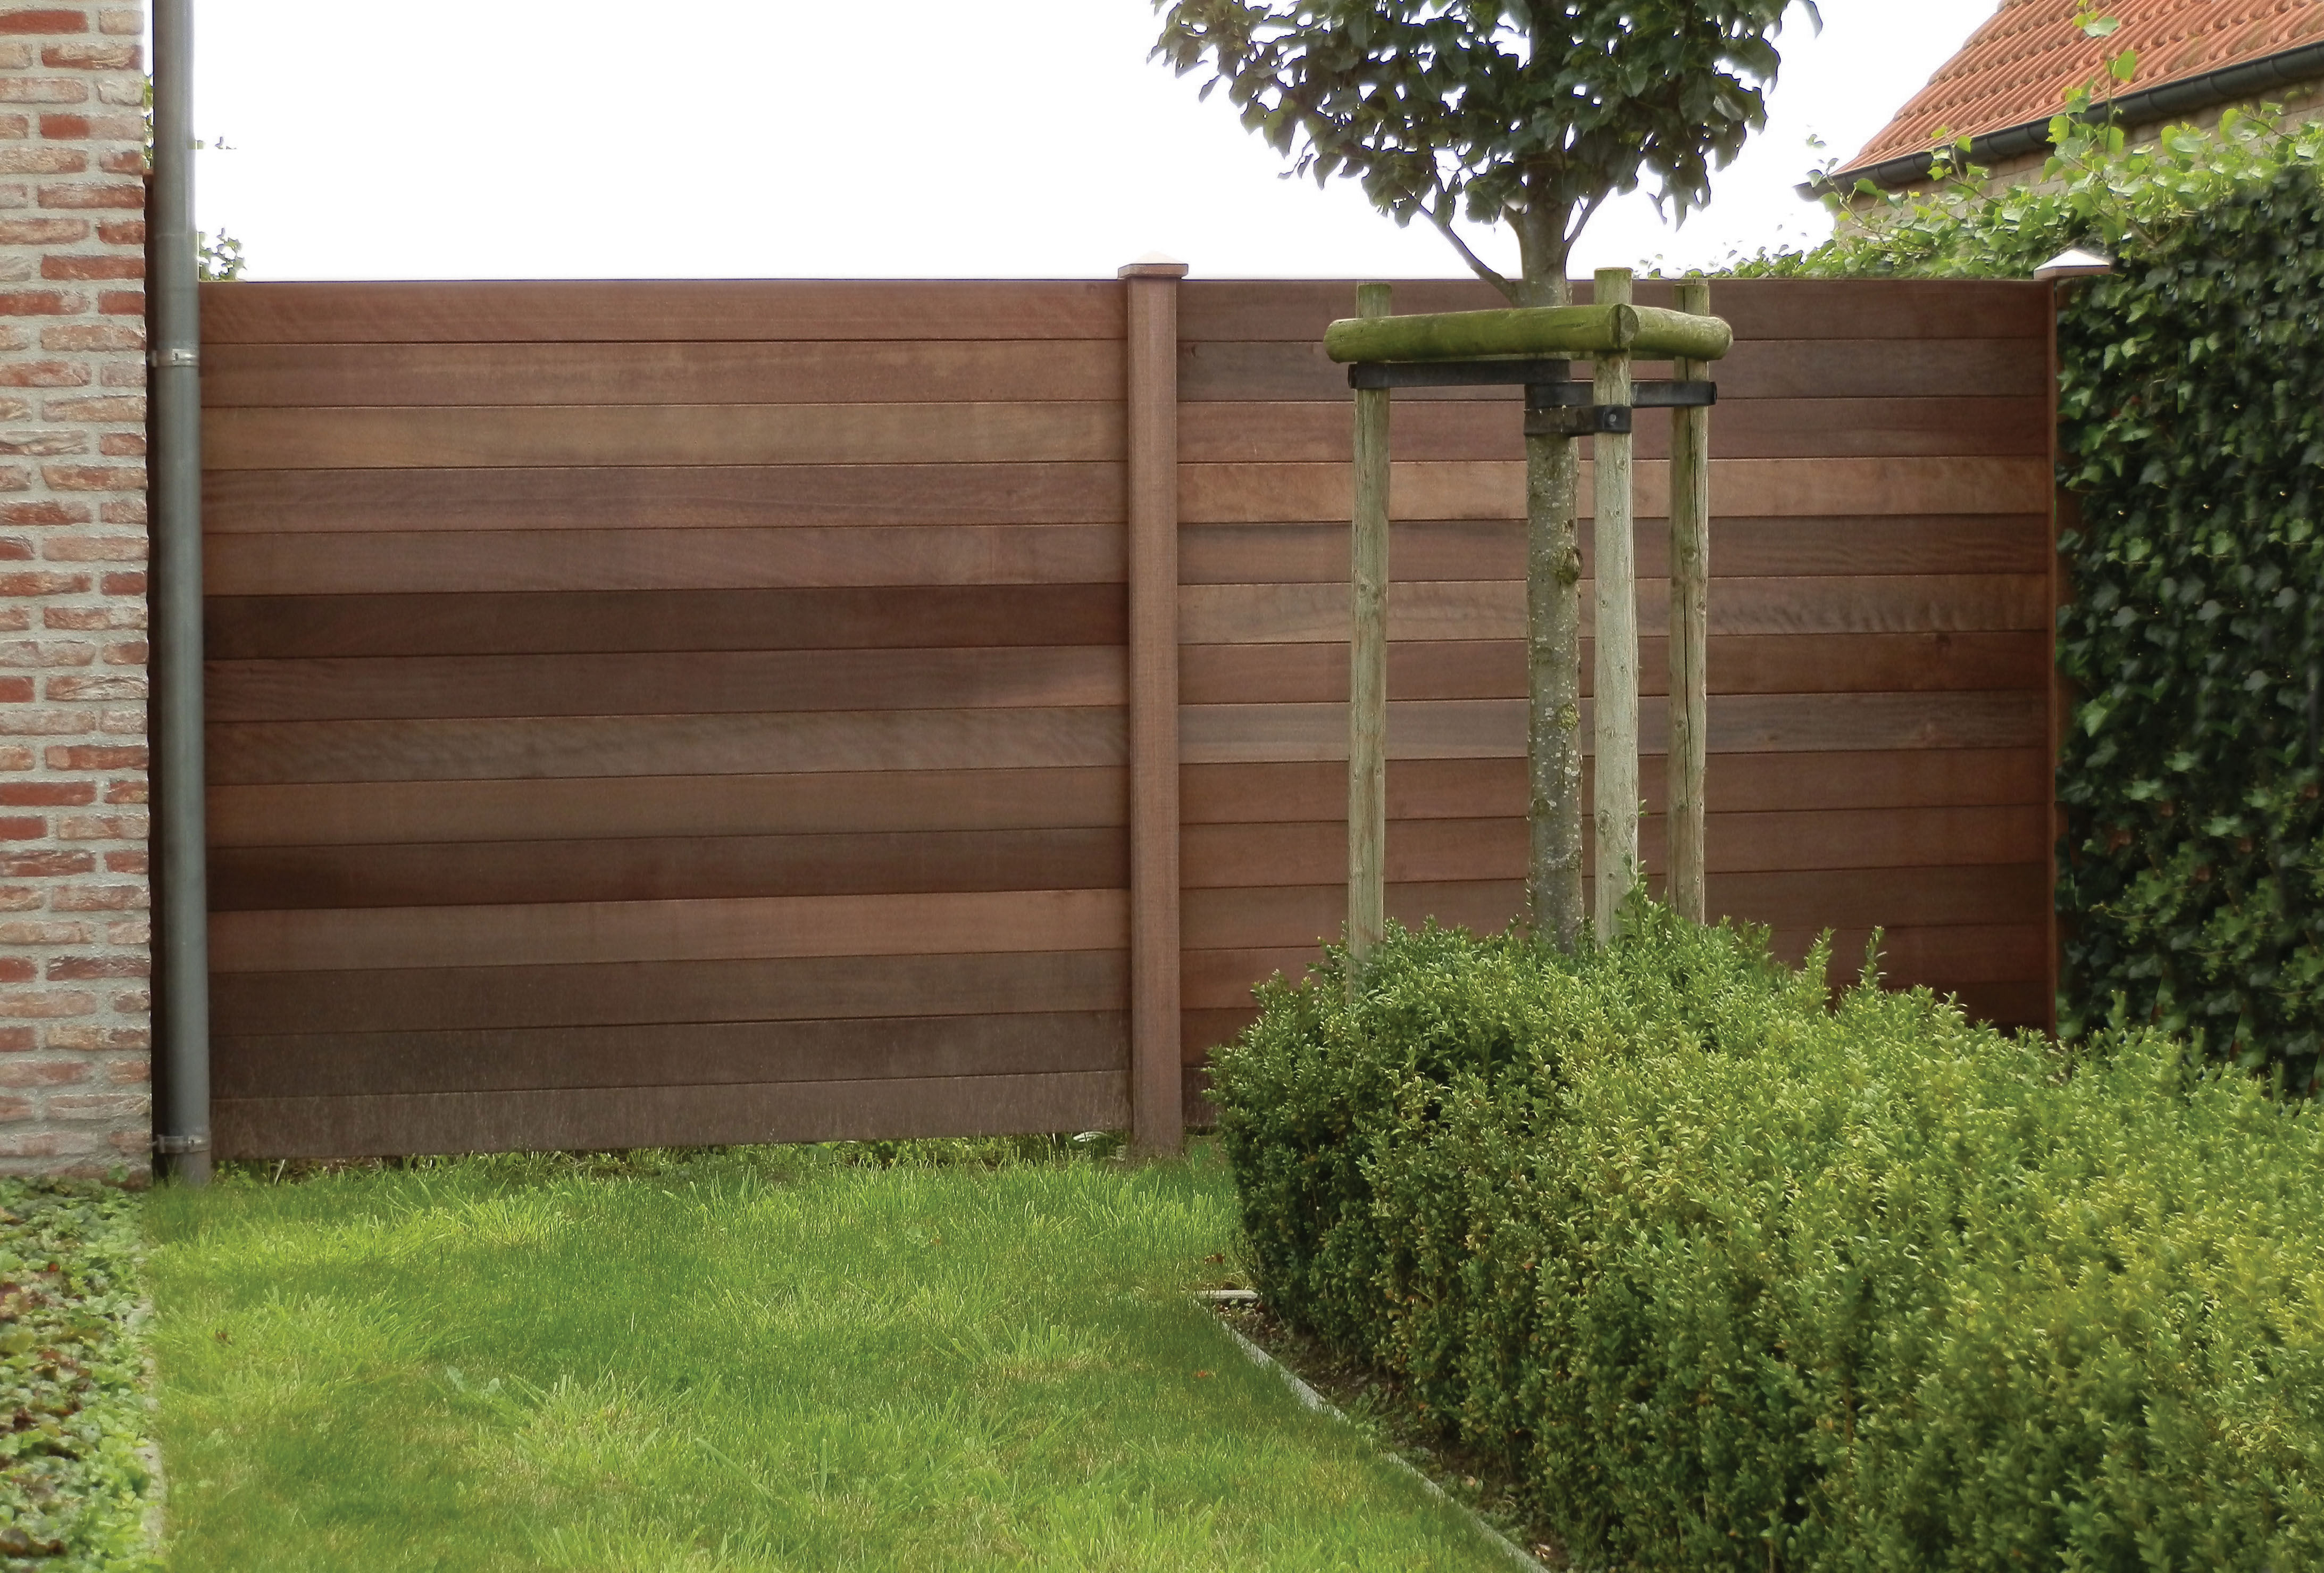 Een plank van itauba hout. geschikt voor het opbouwen van een windscherm, bestaande uit 13 planken. specifica...